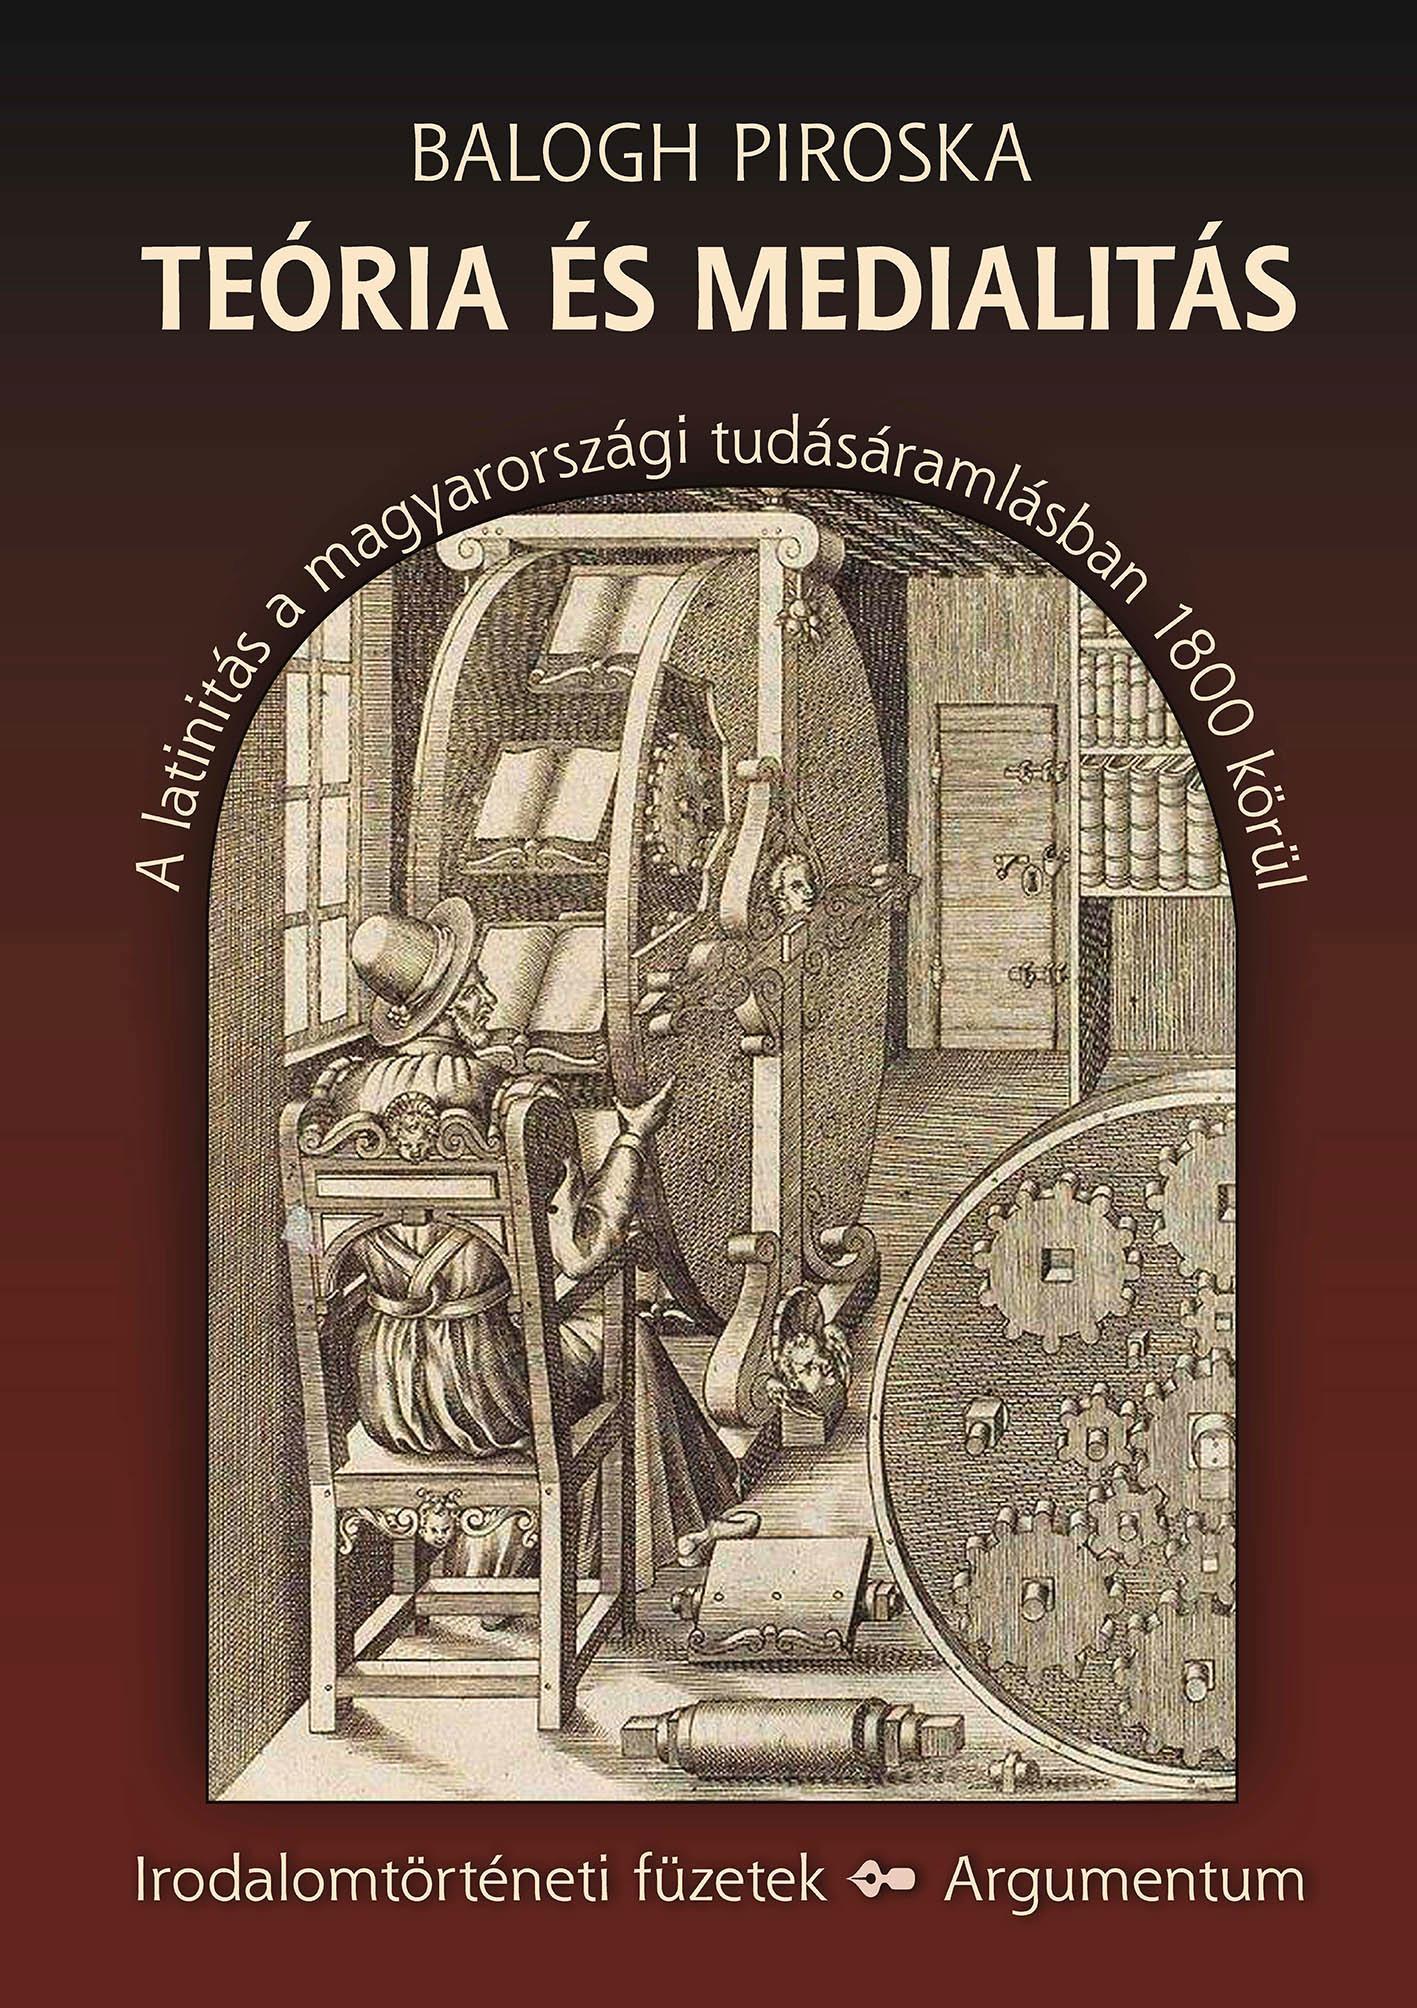 TEÓRIA ÉS MEDIALITÁS - A LATINITÁS A MAGYARORSZÁGI TUDÁSÁRAMLÁSBAN 1800 KÖRÜL